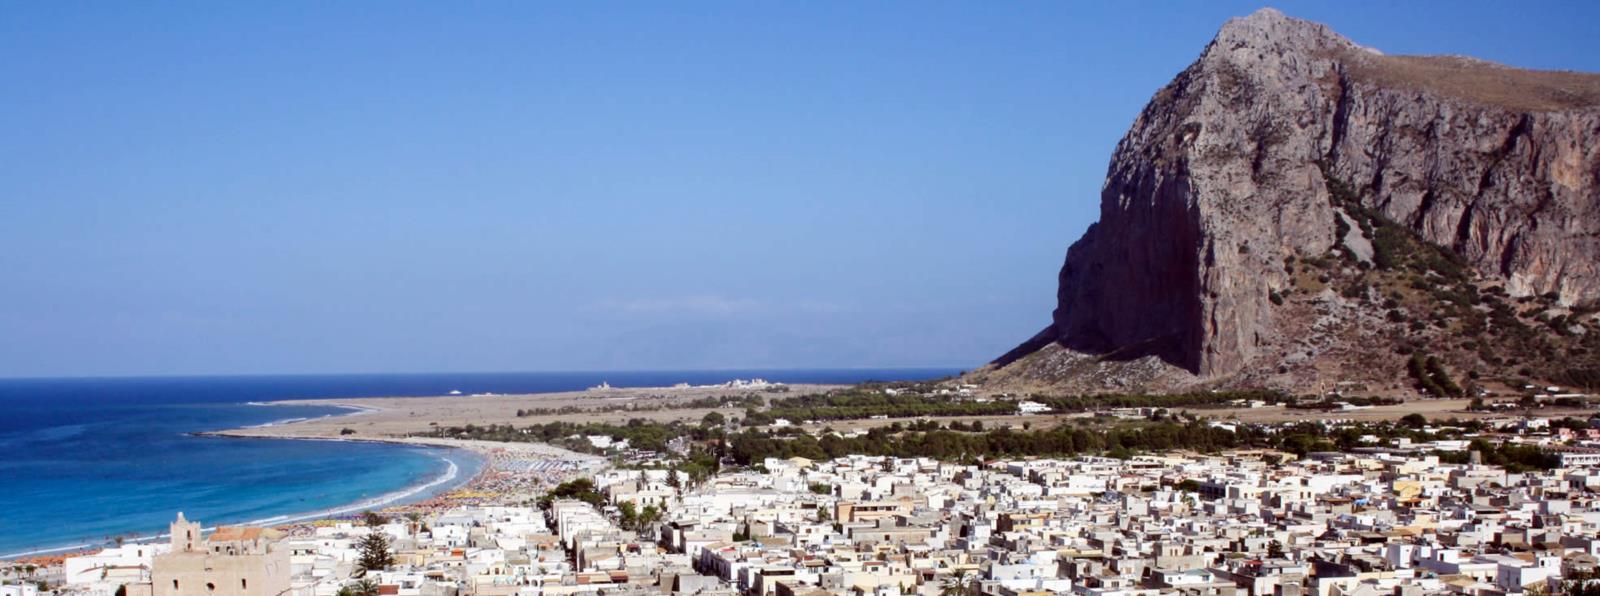 San Vito Lo CapoTerra di sole e di mare